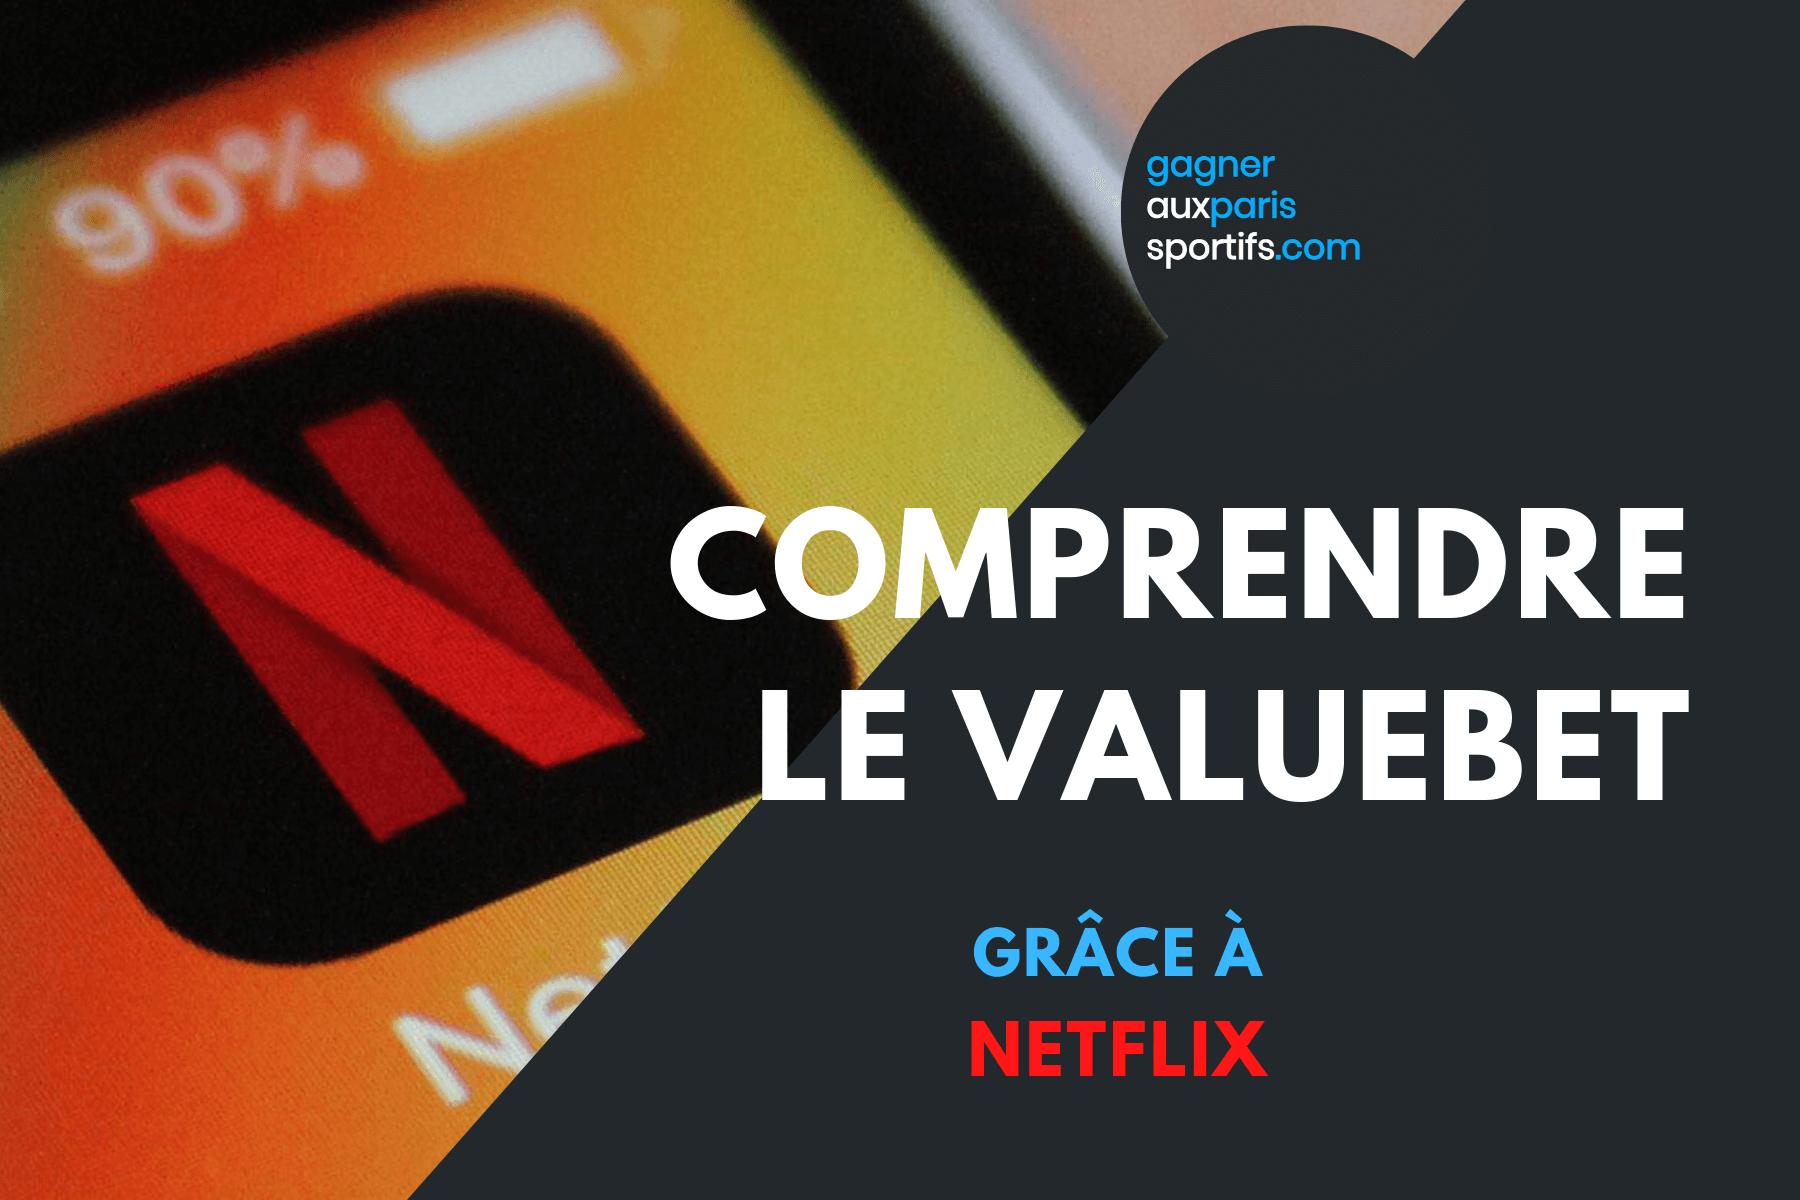 Comprendre le valuebet grace à Netflix